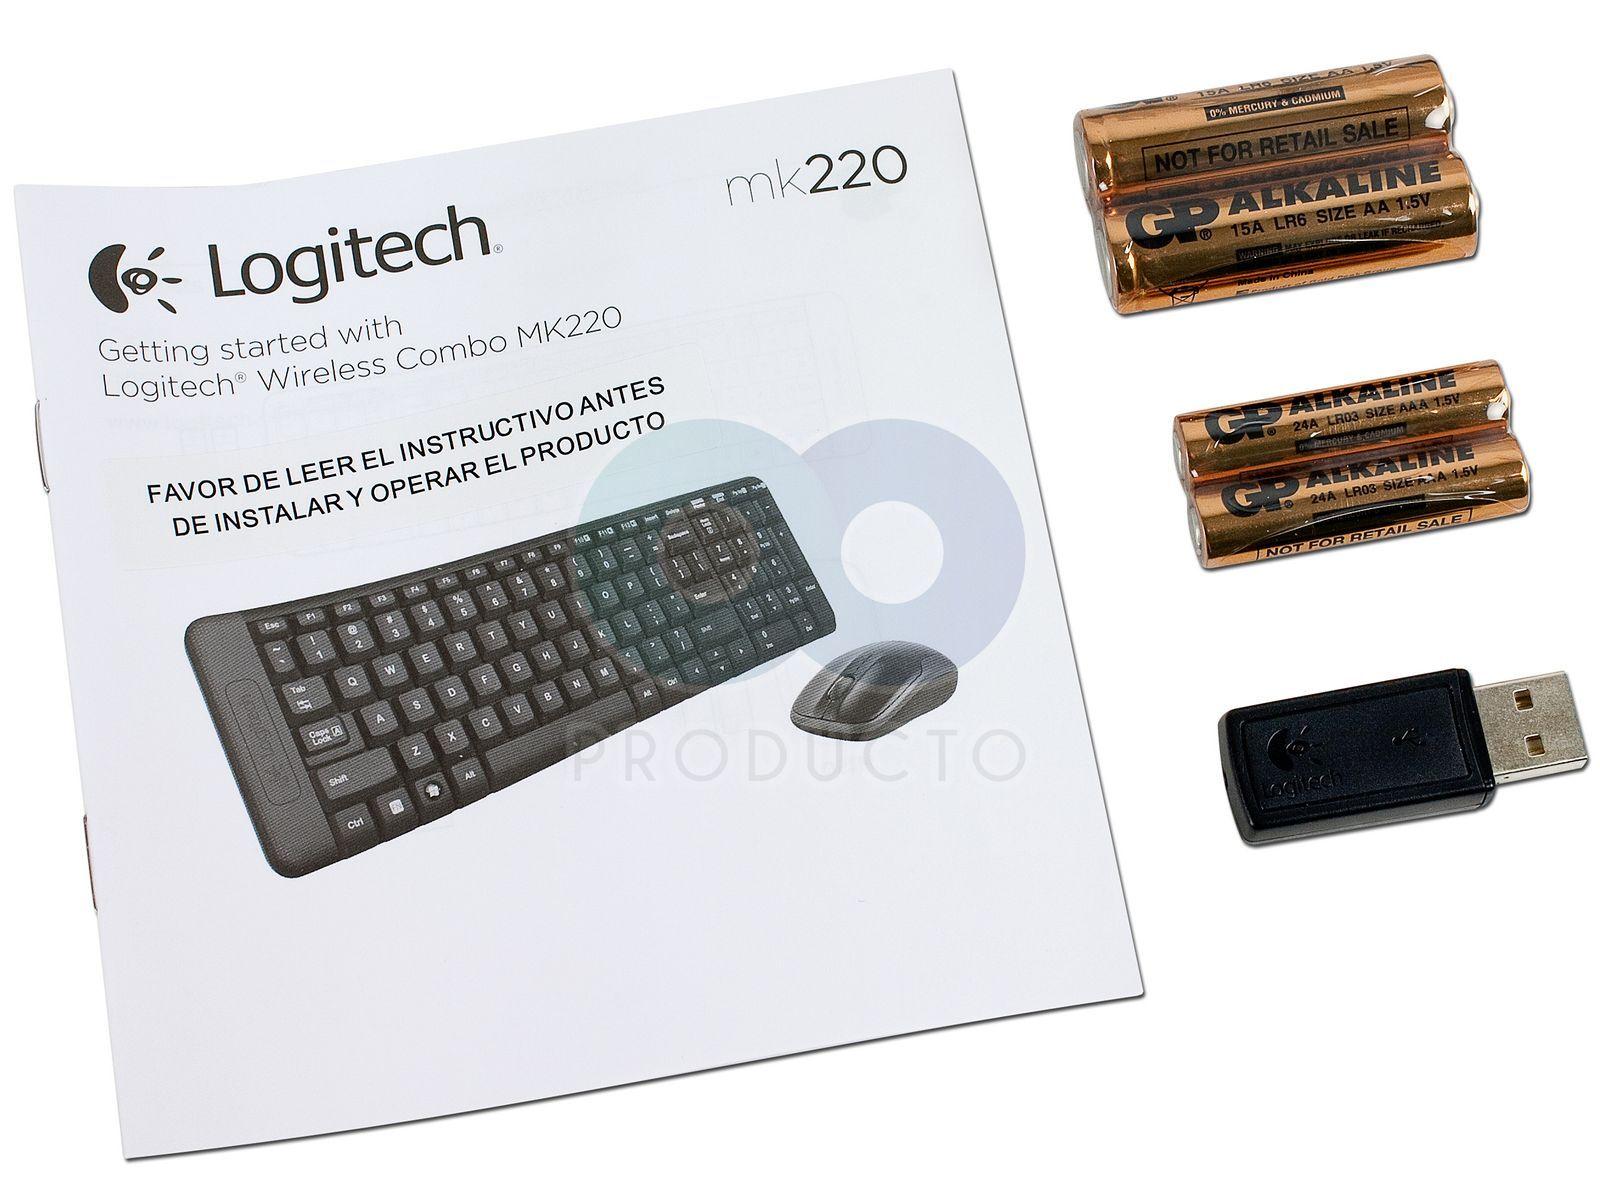 Teclado Y Mouse Logitech Wireless Combo Mk220 Usb Keyboard